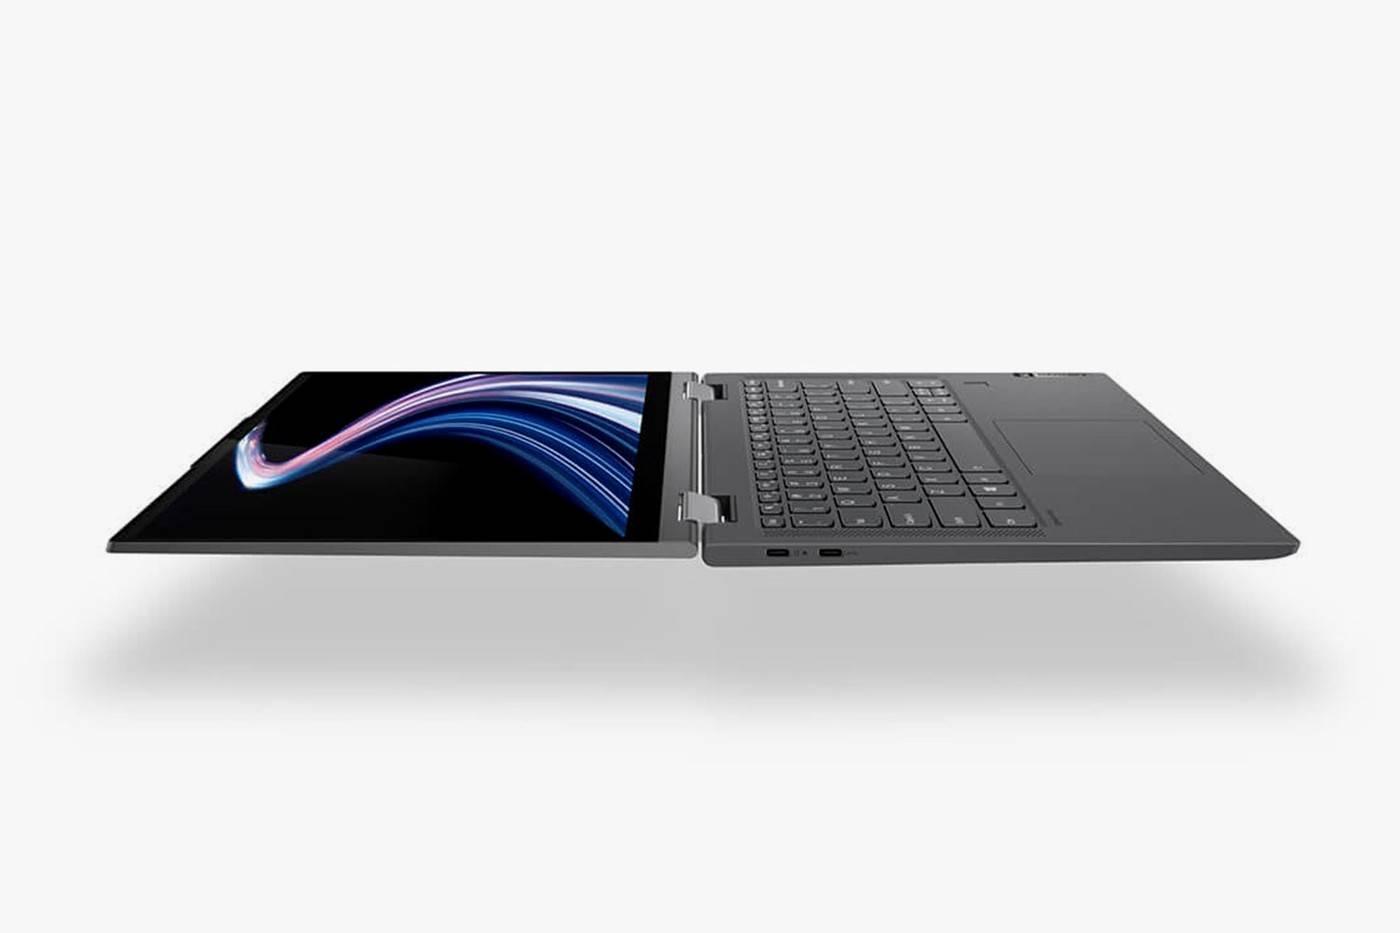 有望实现最高速无线连接,联想展示品牌首款 5G 笔记本电脑